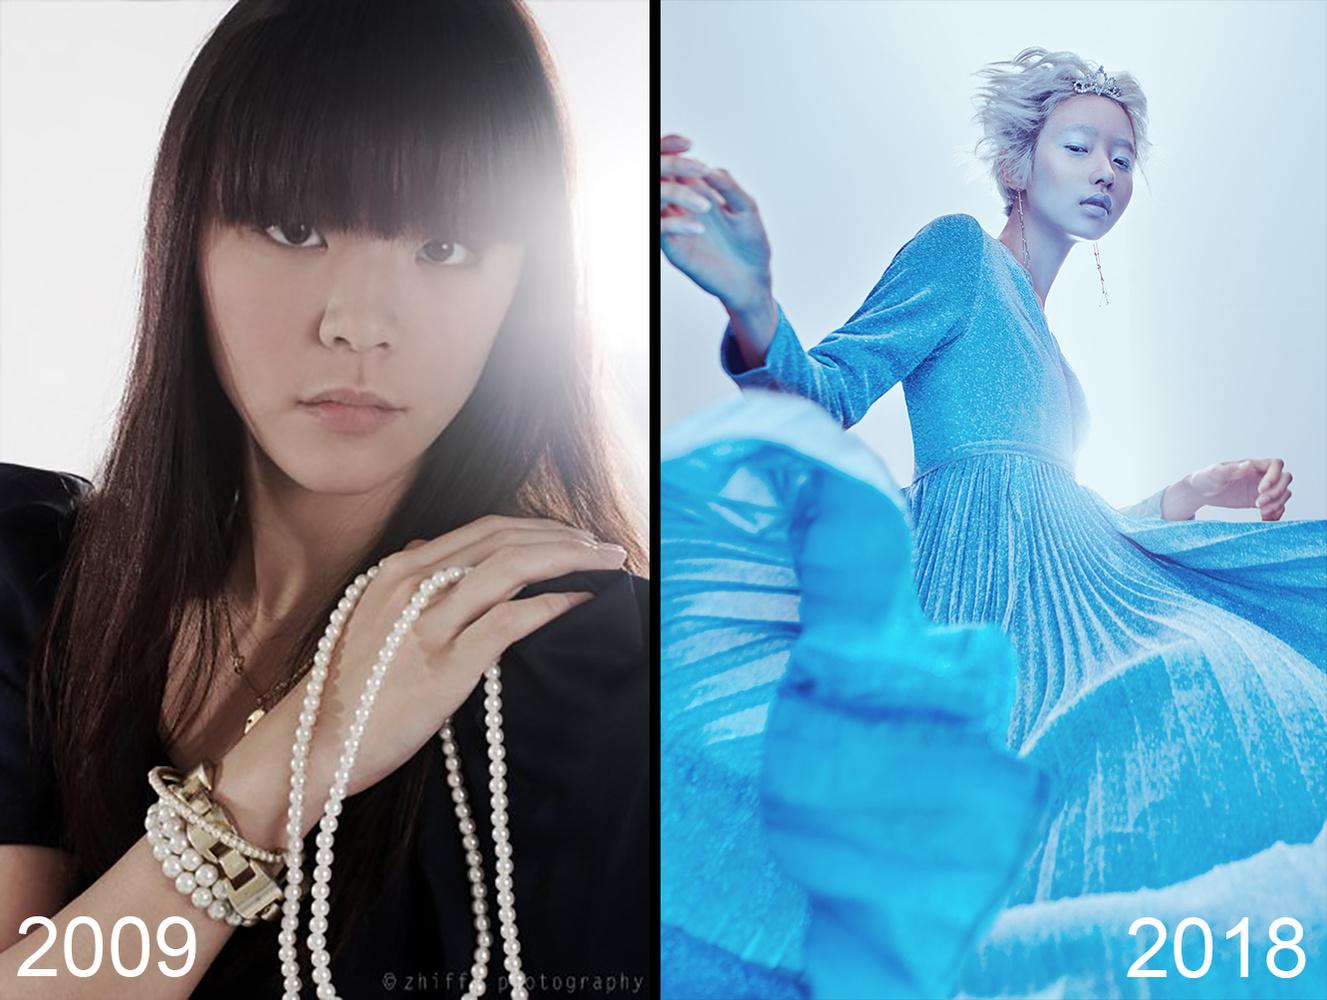 Shavonne Wong's incredible 2009 vs 2018 comparison